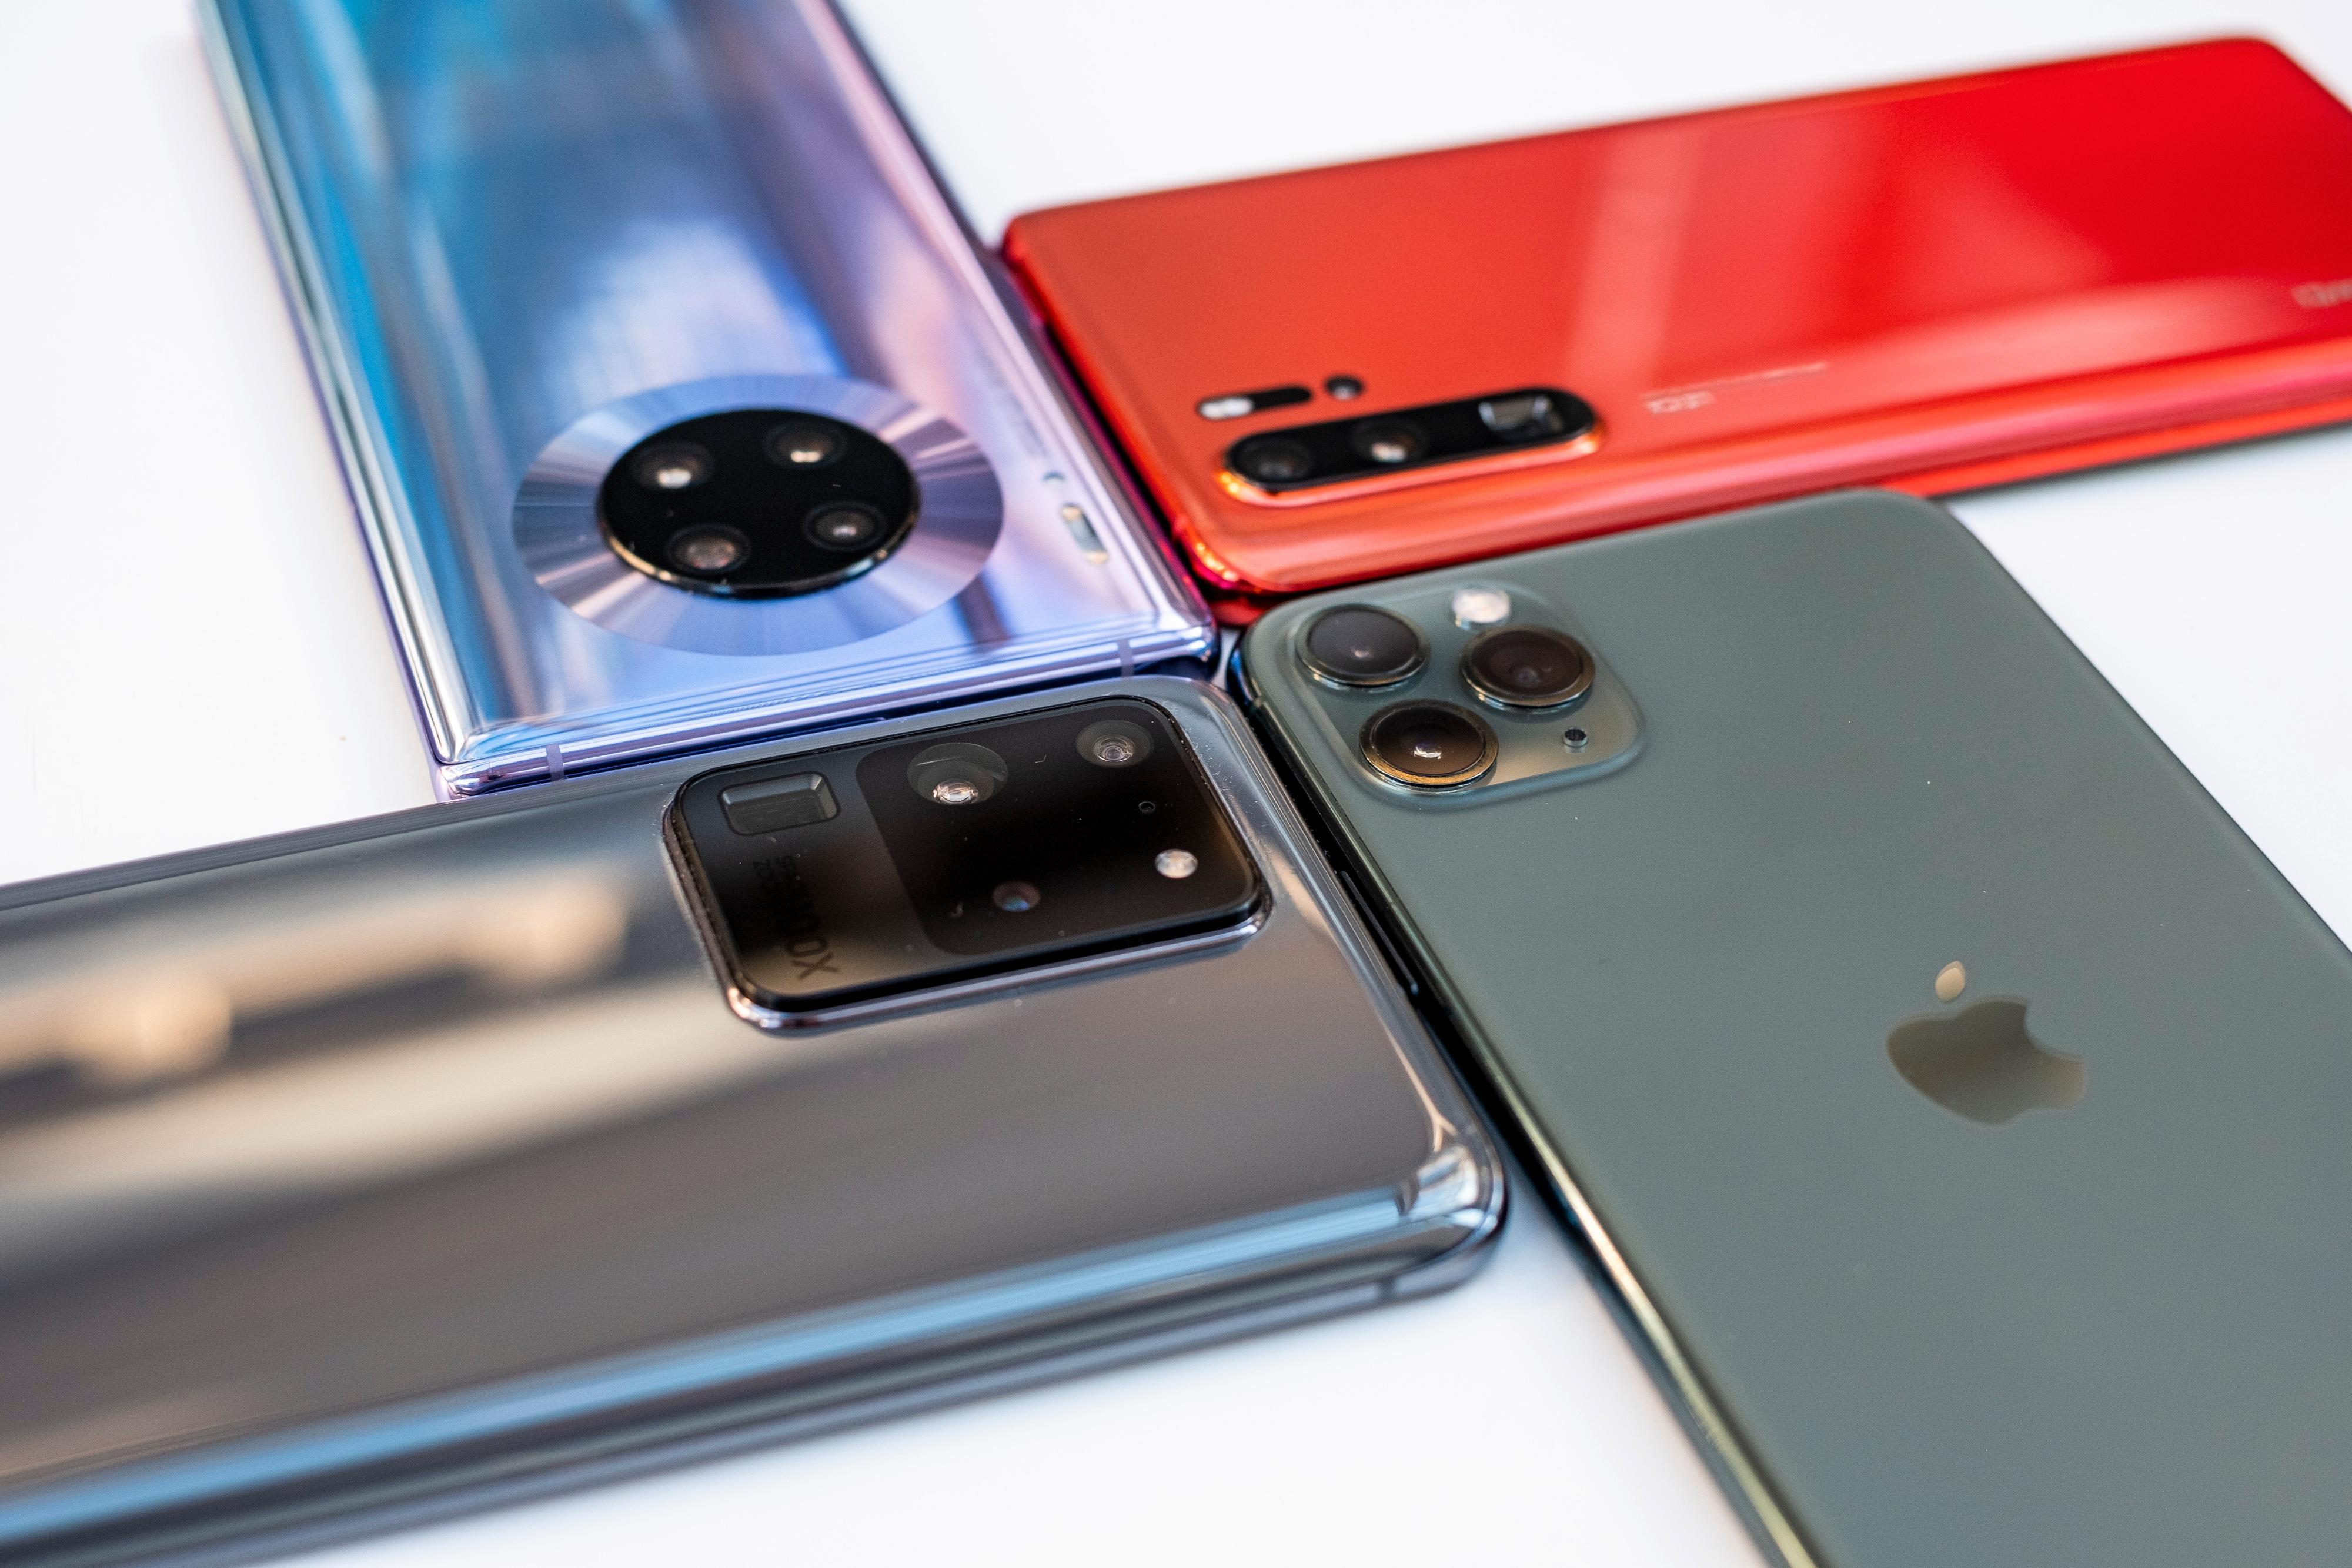 En svær kamerahump på baksiden av telefonen huser fire ulike kamera, LED-blits og sensorer.